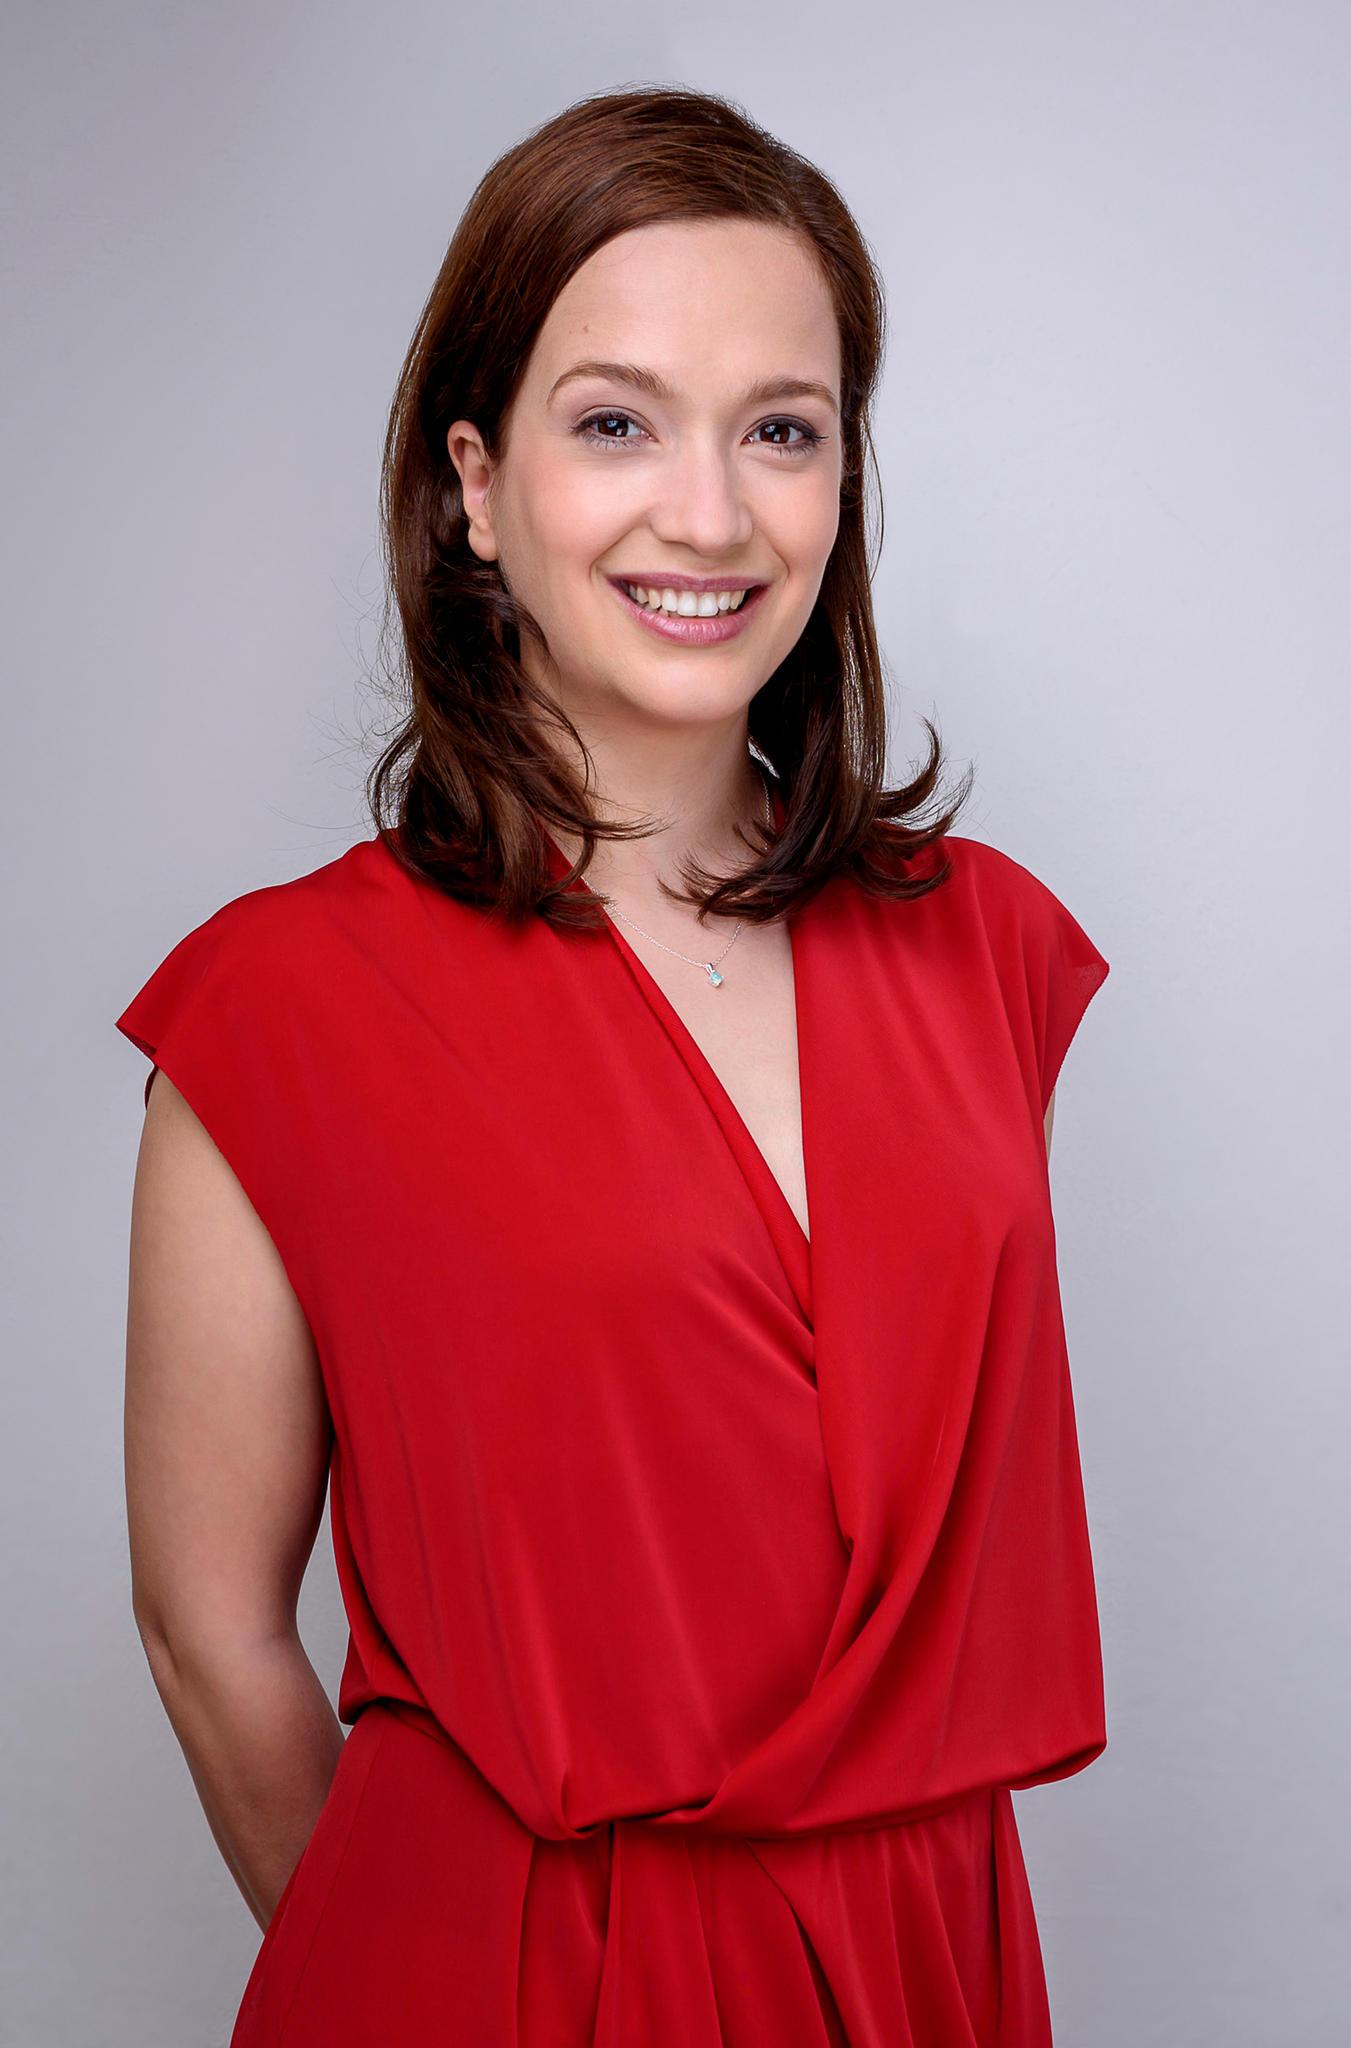 """Uta Kargel spielt die Rolle der """"Eva Saalfeld"""" in """"Sturm der Liebe"""""""